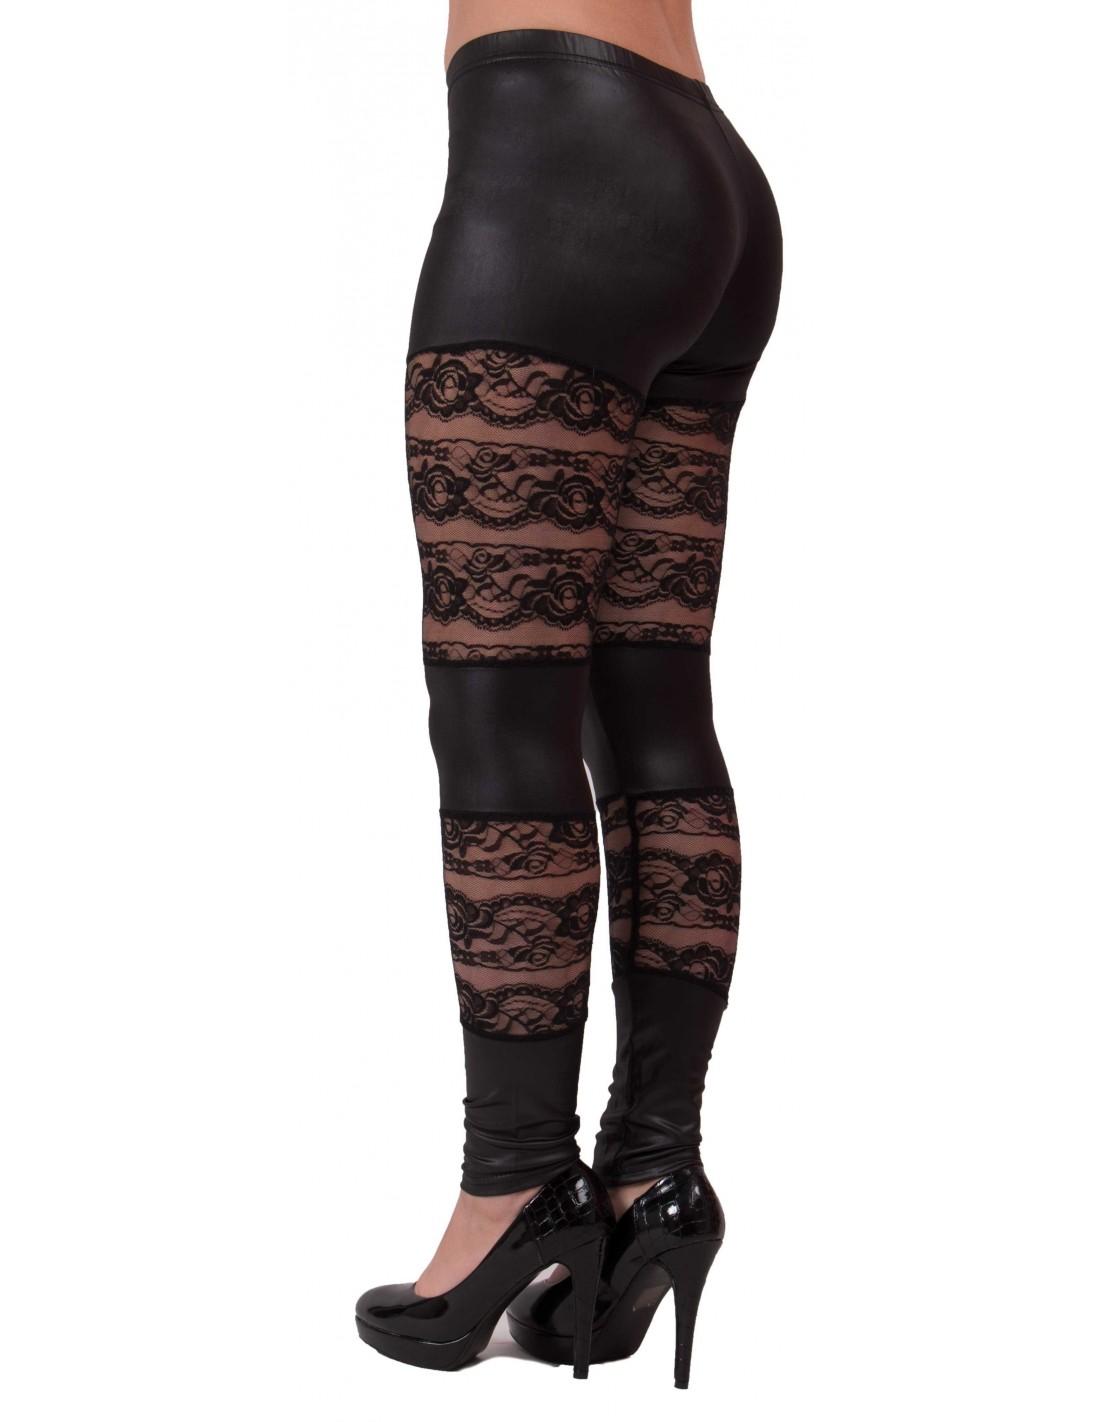 ... Legging noir aspet cuir   dentelle type legging sexy dentelle et vinyl 093aa70ca16